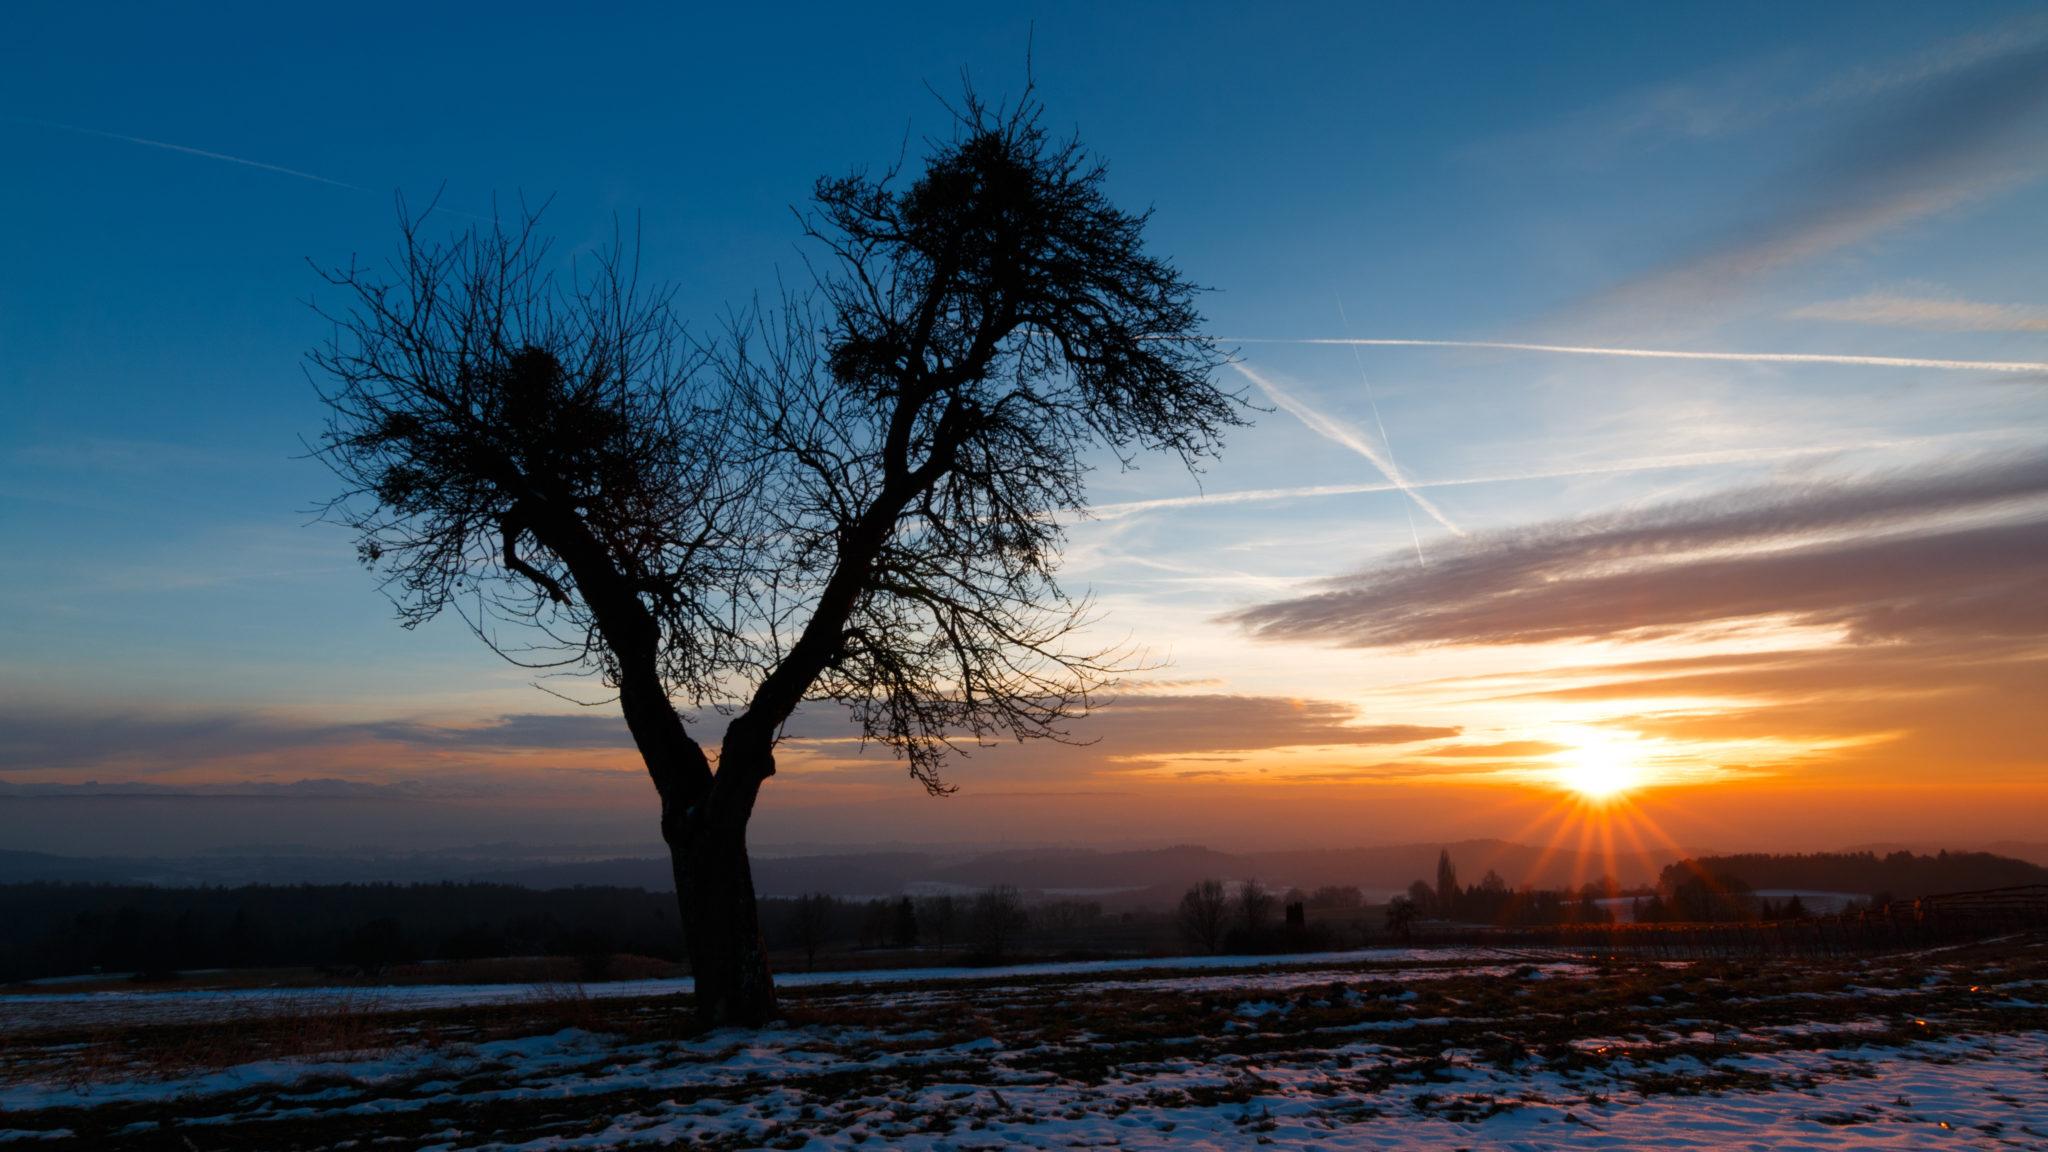 Sonnenuntergang in Liggeringen